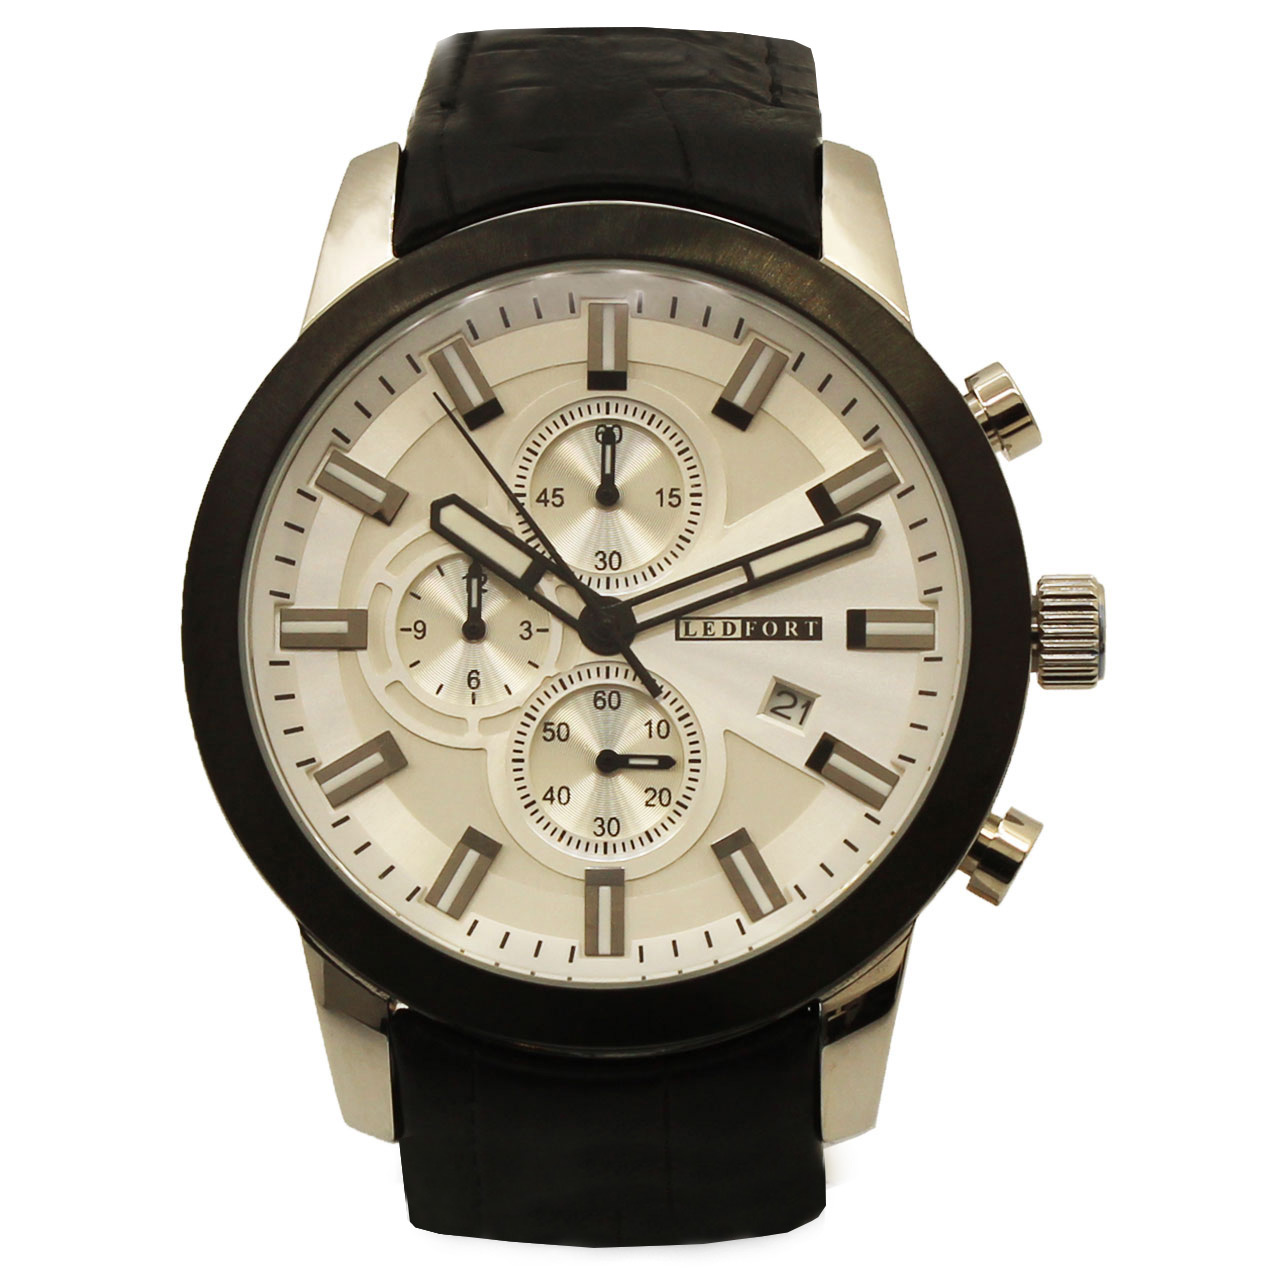 ساعت مچی عقربه ای مردانه لدفورت مدل کرنوگراف کد MK-0037 18